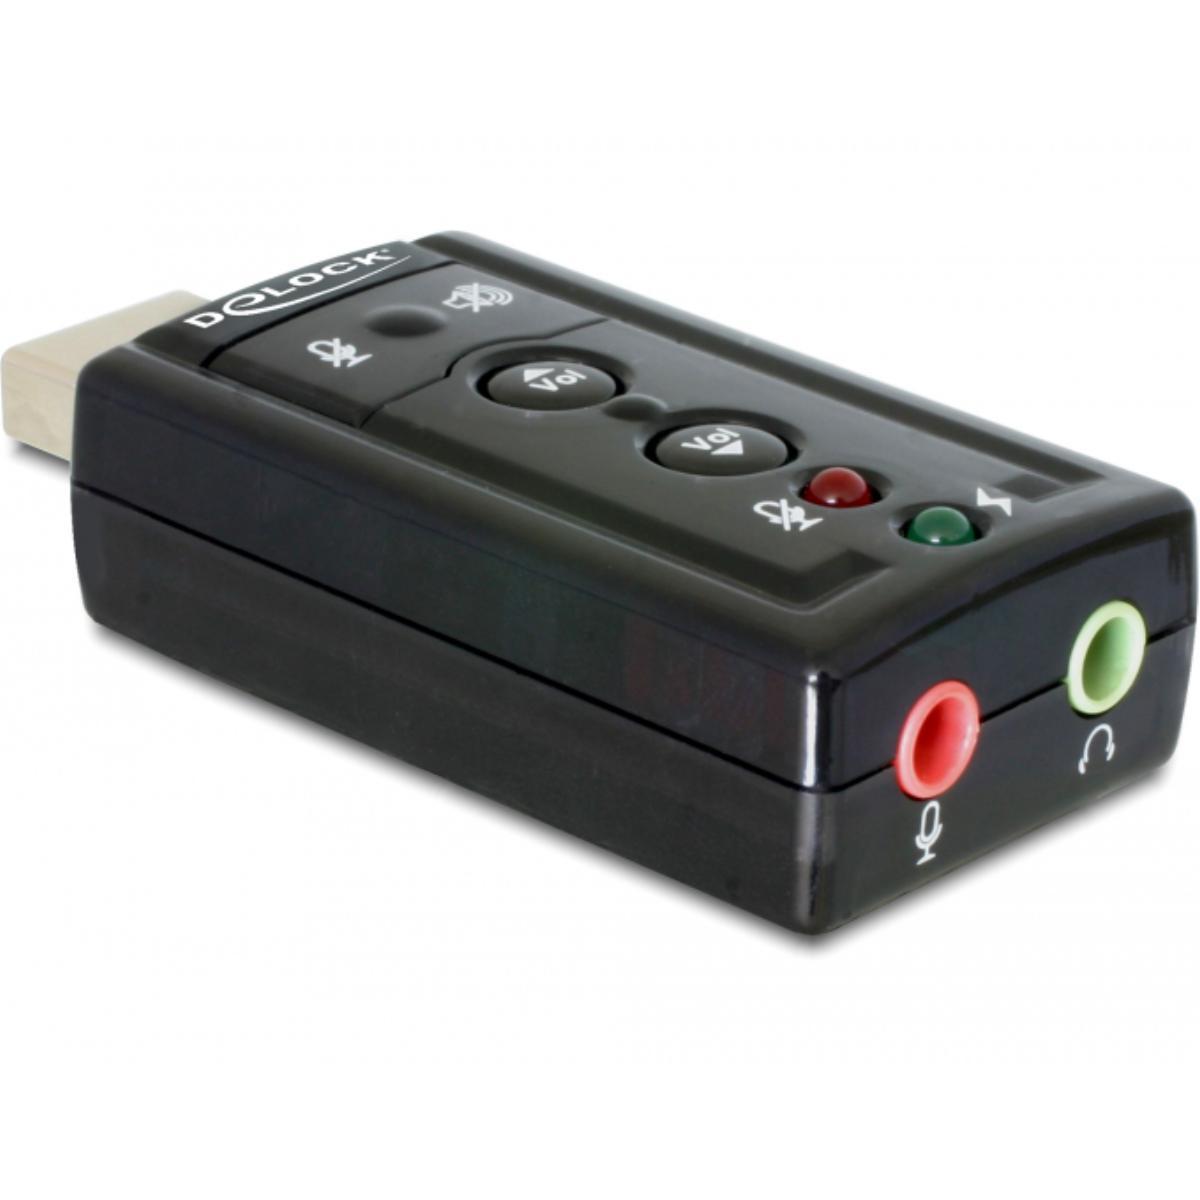 externe optische usb geluidskaart Extra opties: zie meer info